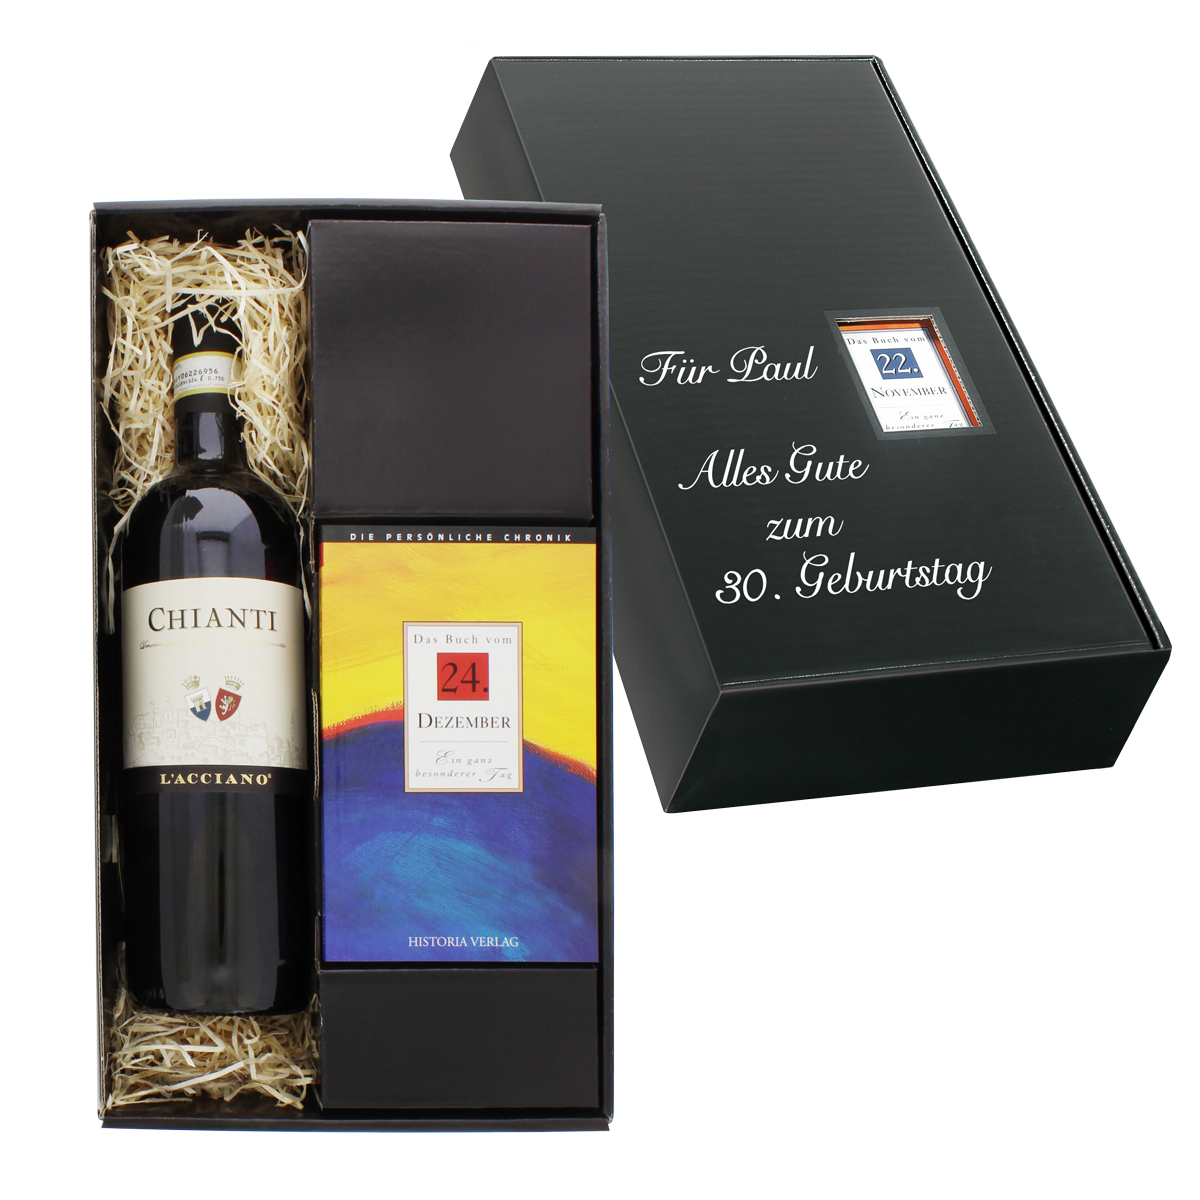 Italien-Set: Tageschronik vom 10. September & Chianti-Wein